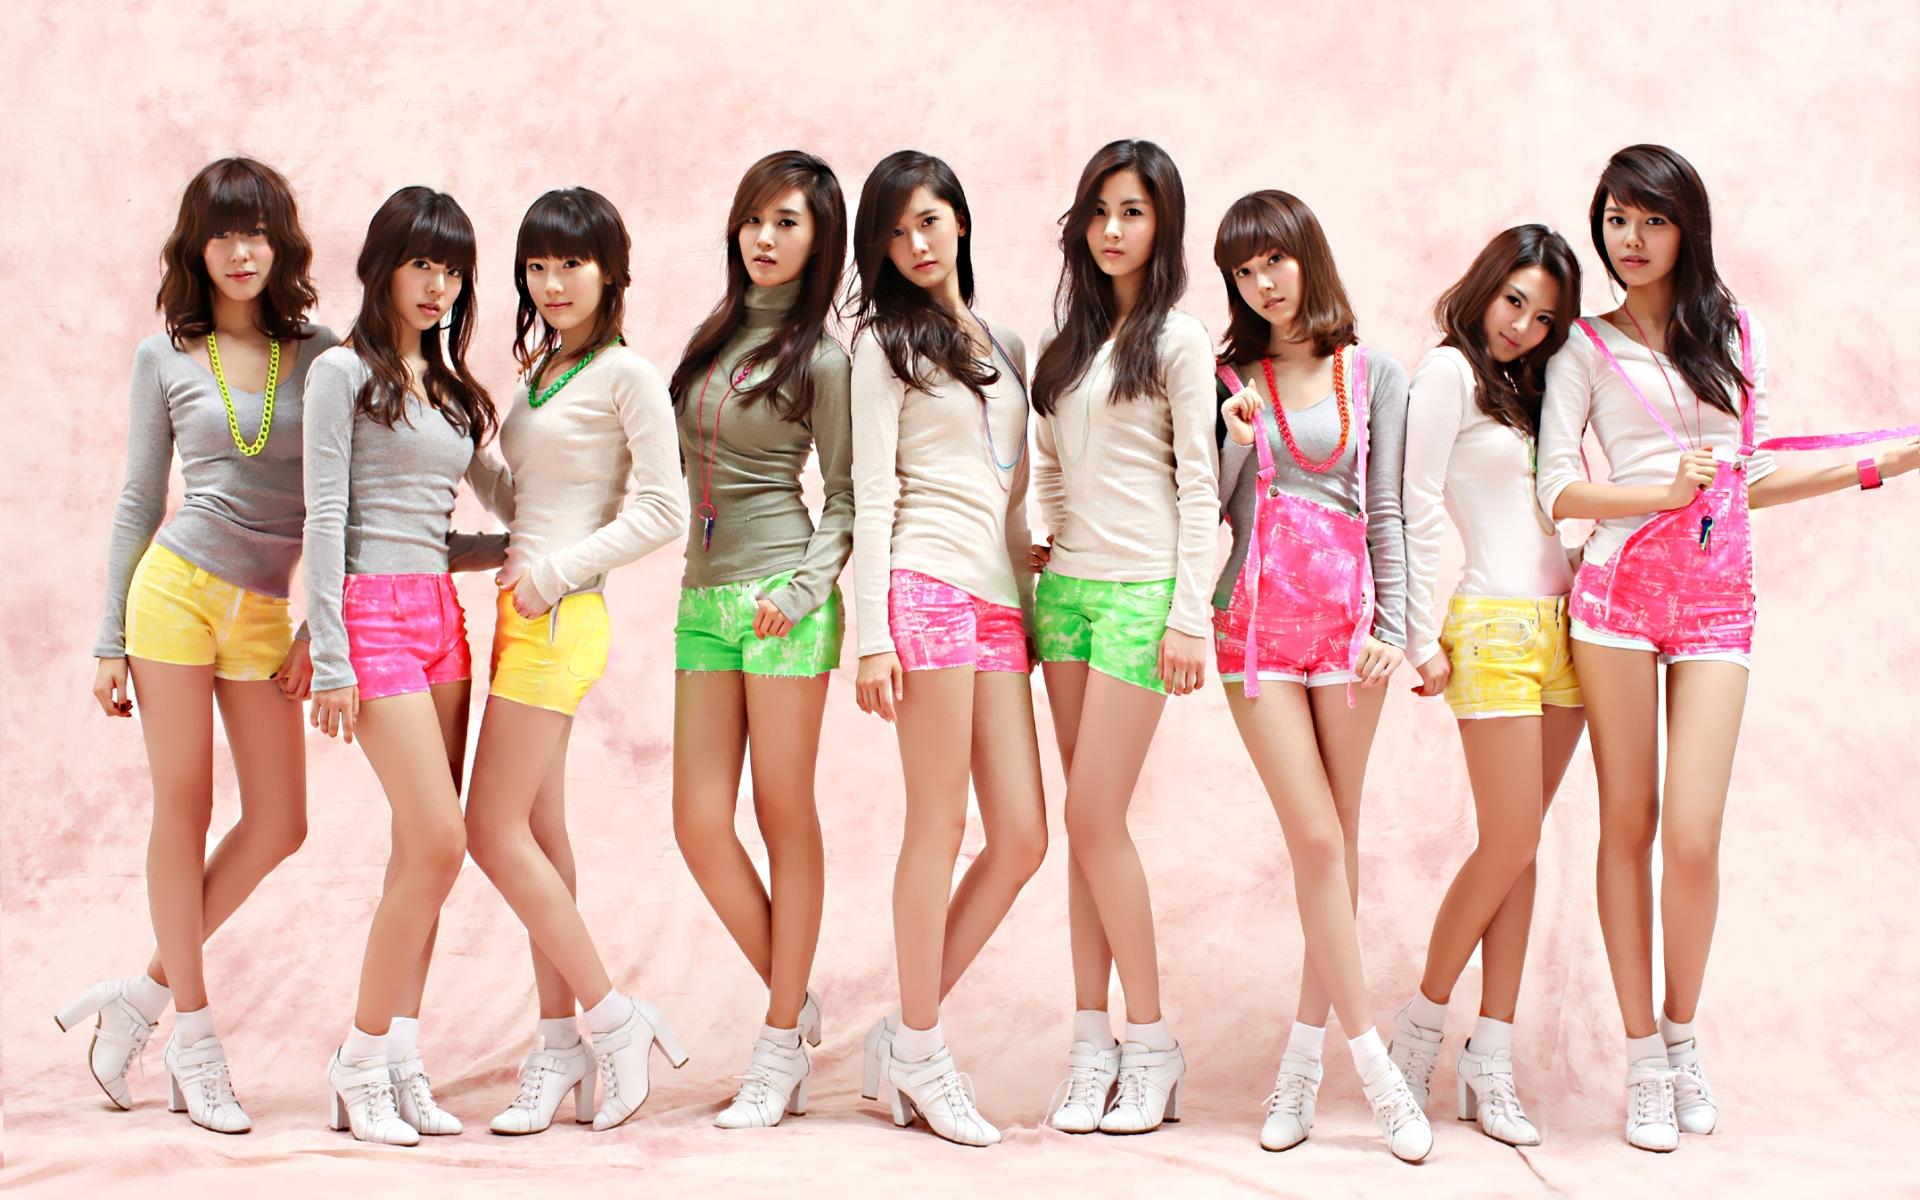 Chicas jovenes asiáticas - 1920x1200